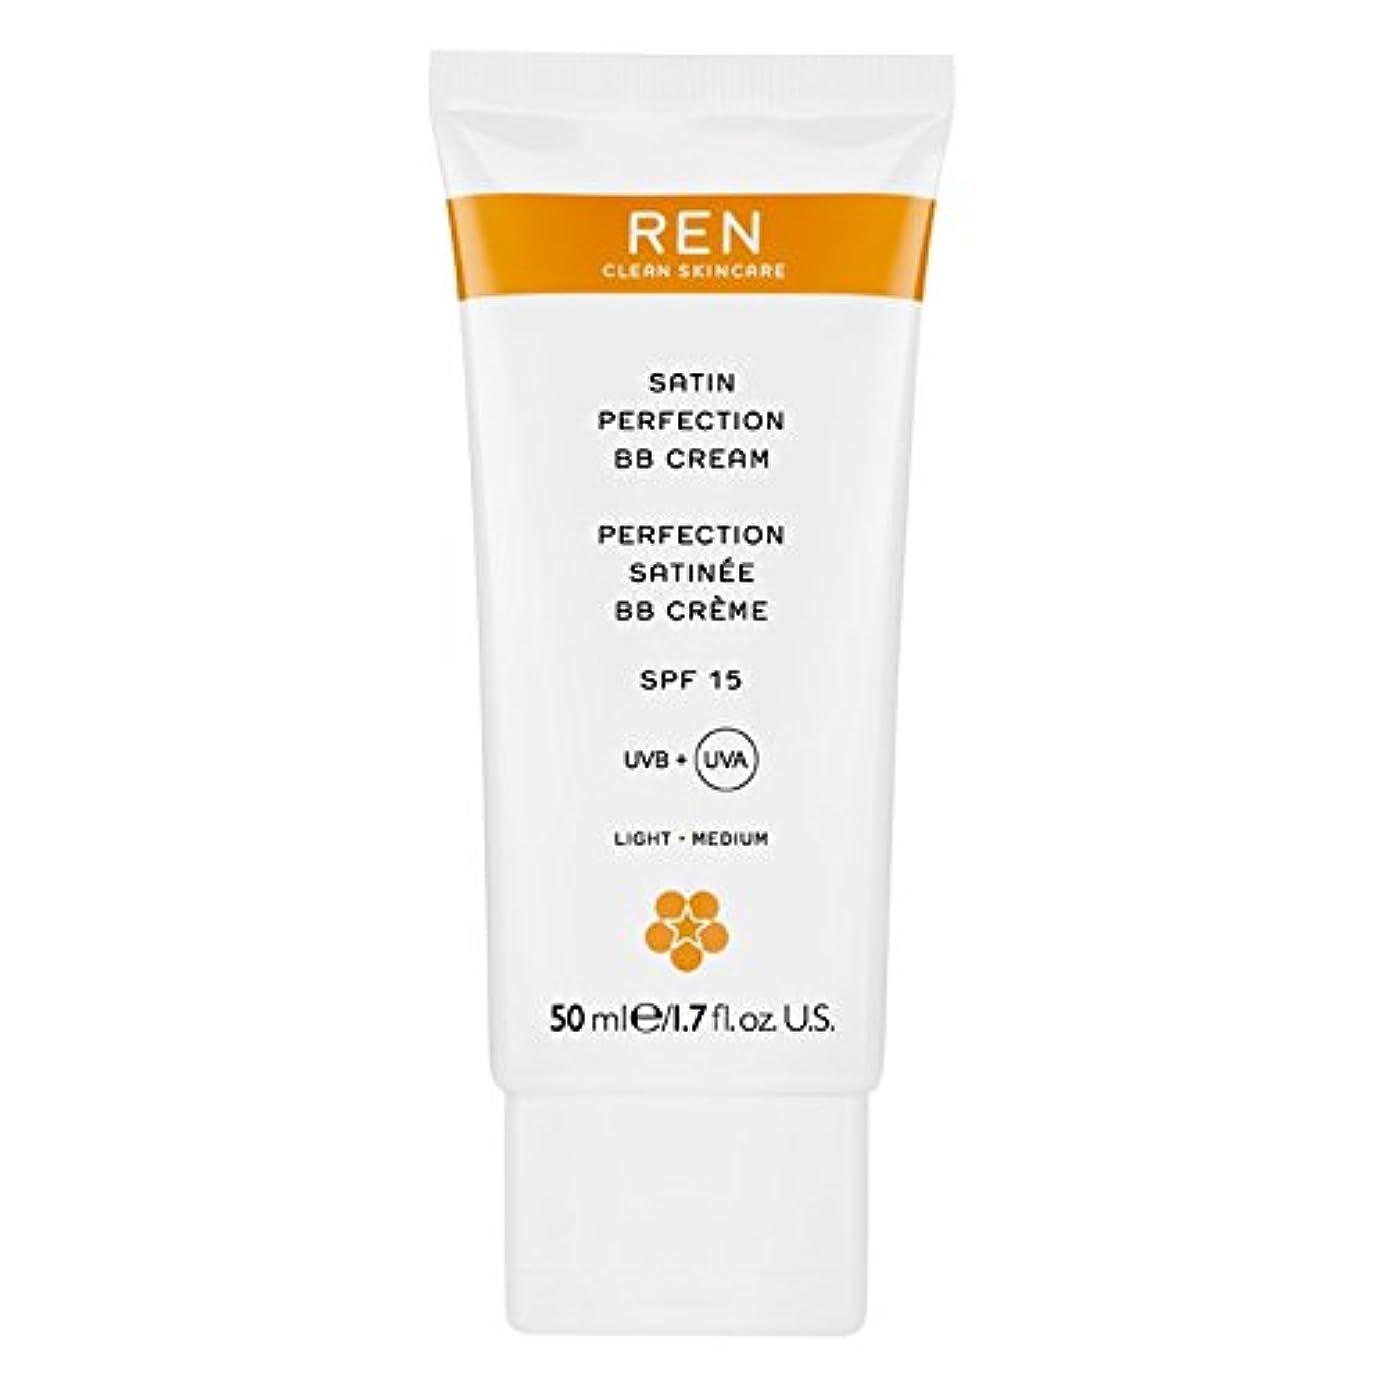 障害者お手入れアミューズRenサテン完璧Bbクリーム50ミリリットル (REN) (x6) - REN Satin Perfection BB Cream 50ml (Pack of 6) [並行輸入品]